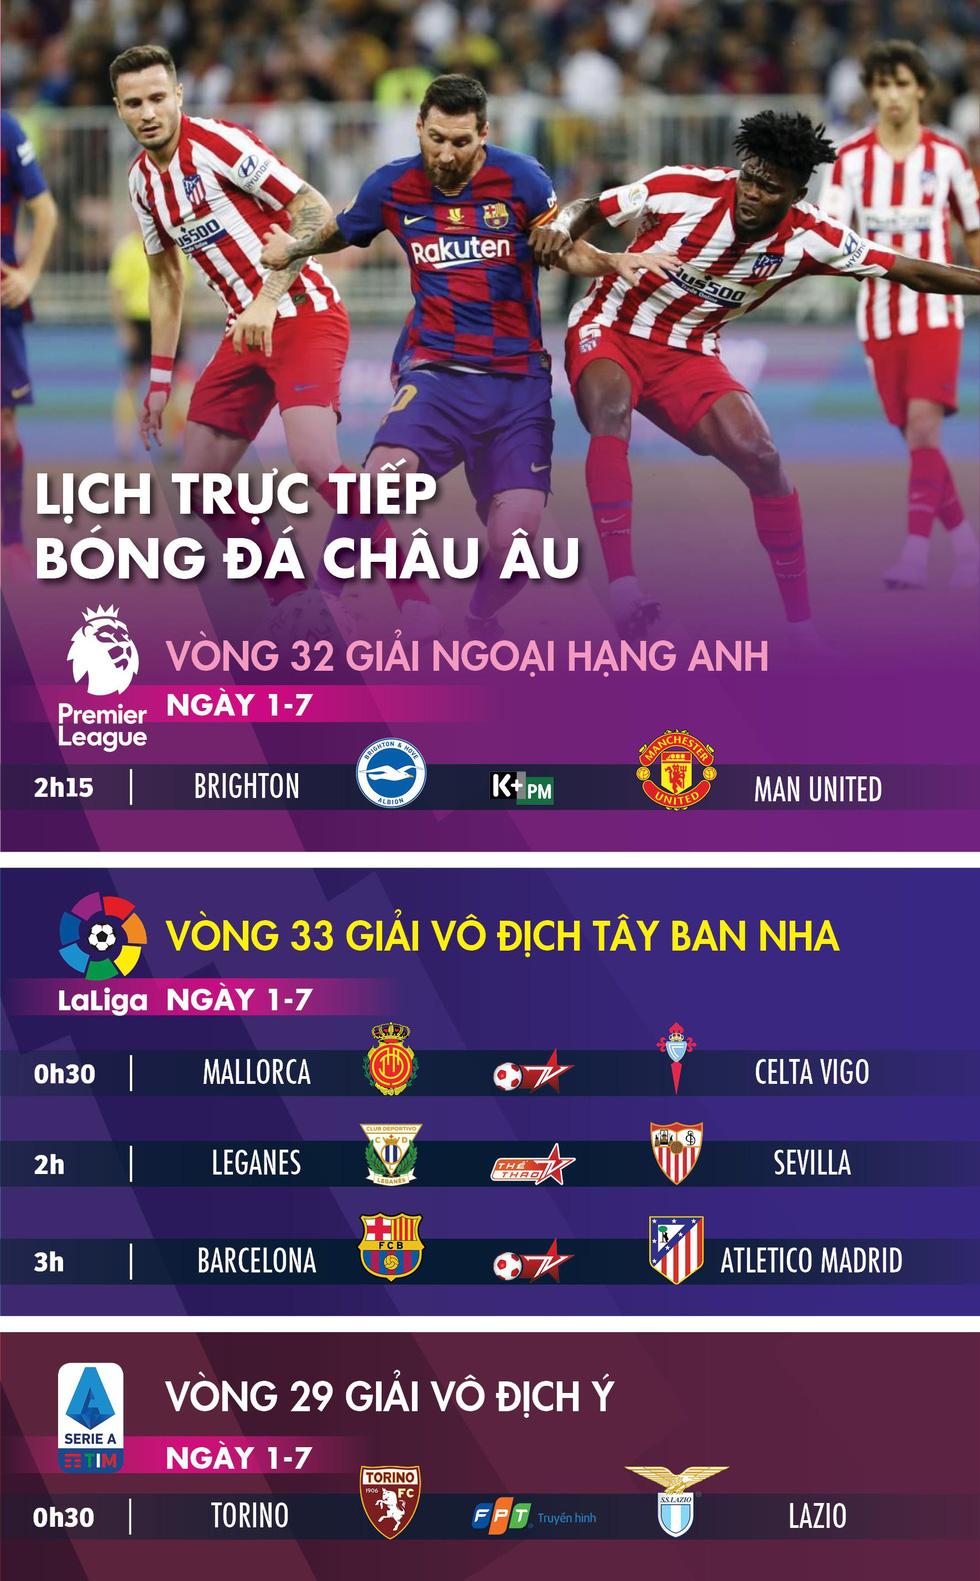 Lịch trực tiếp bóng đá châu Âu ngày 1-7: Đại chiến Barca - Atletico Madrid - Ảnh 1.